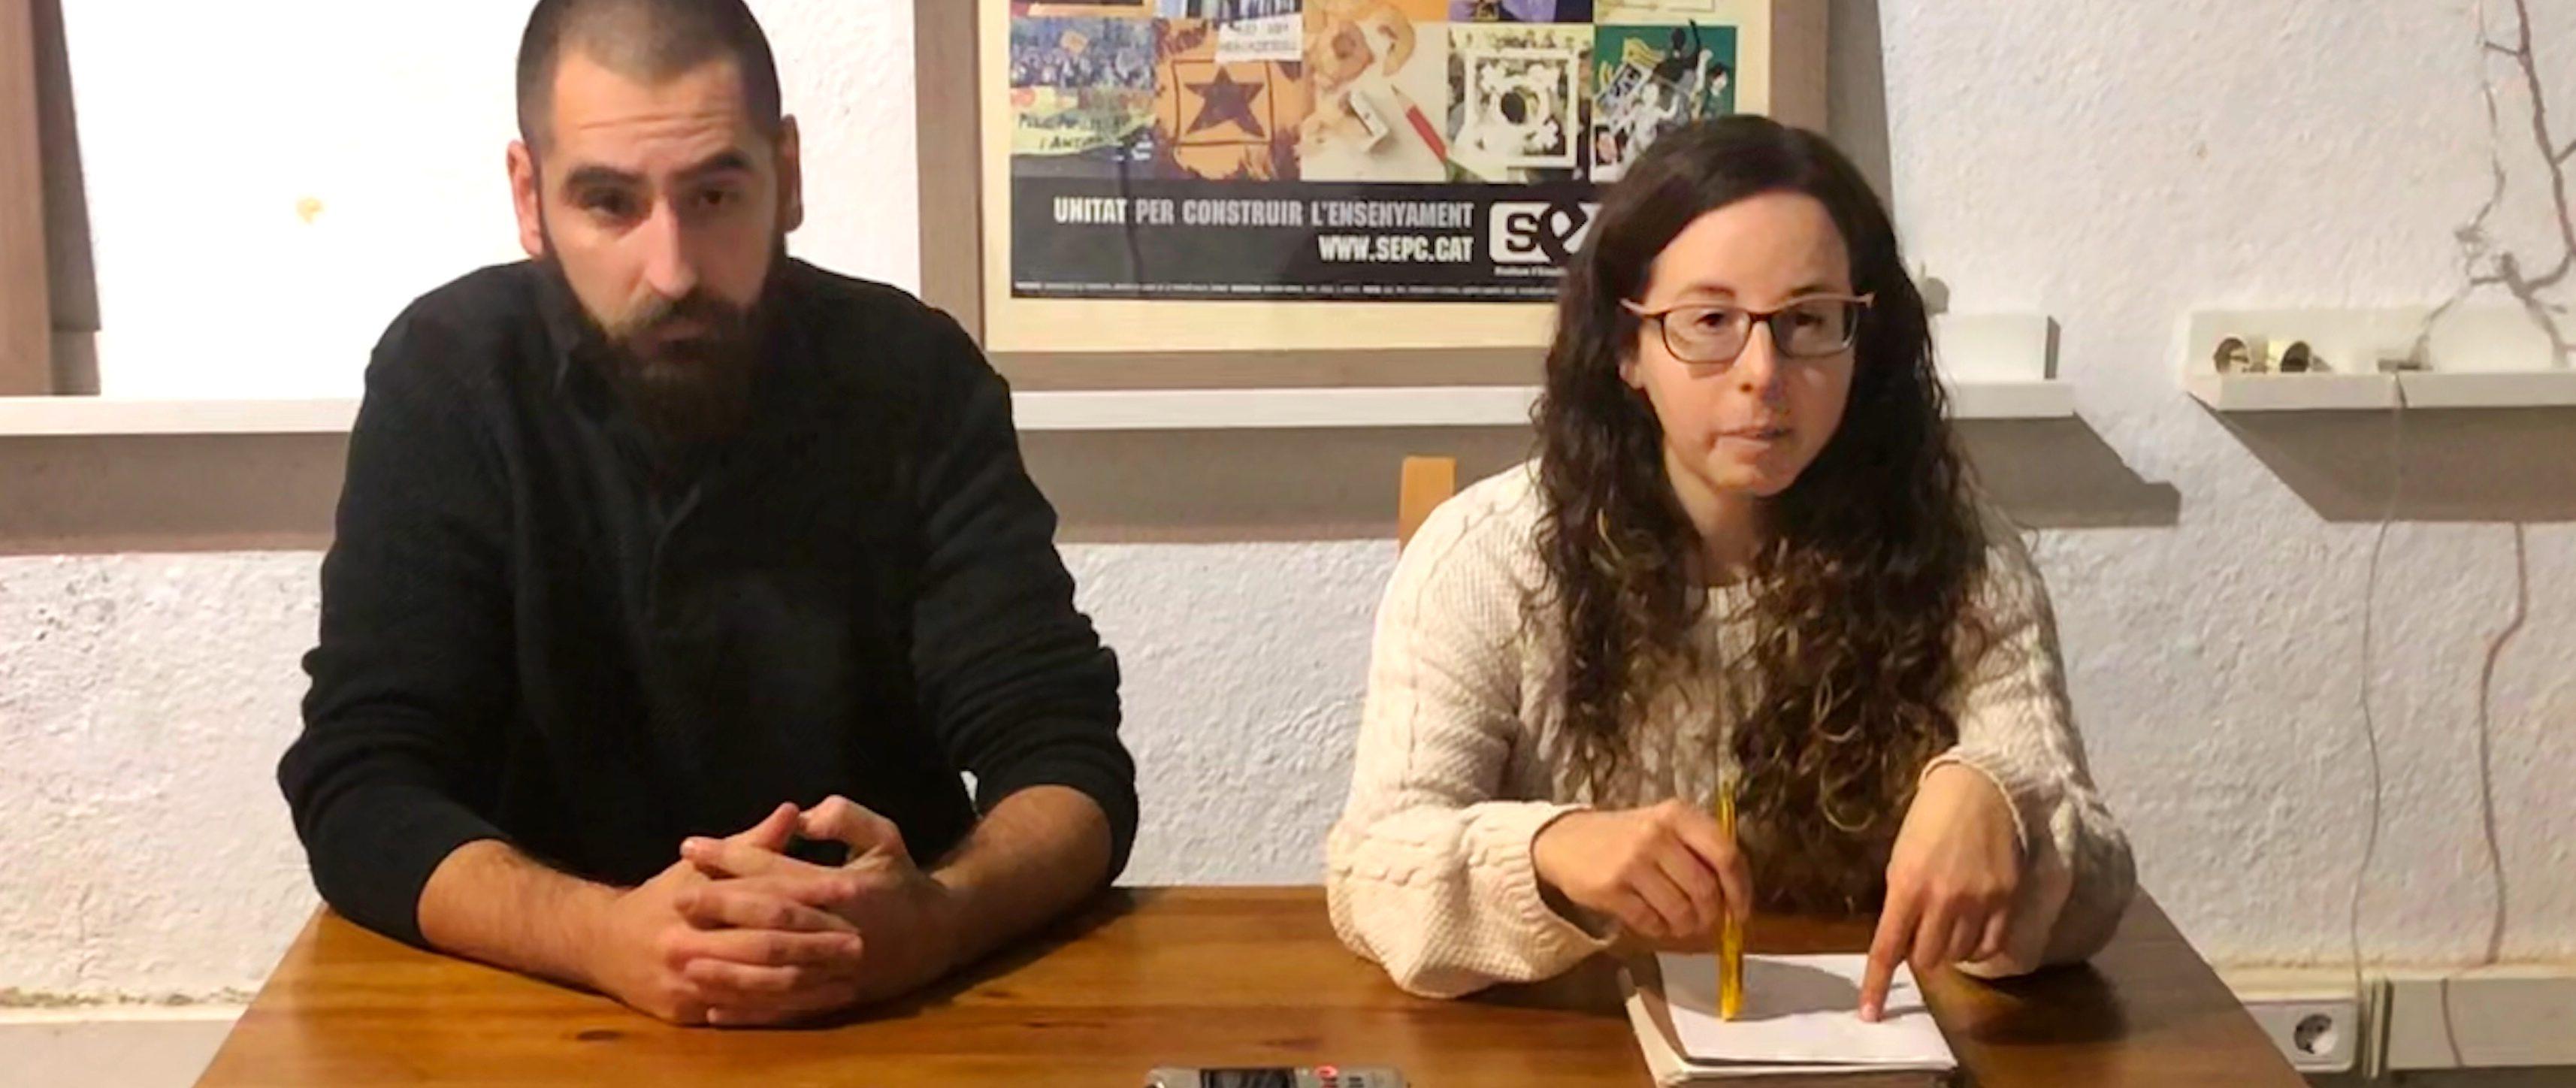 La CUP Sant Sadurní denuncia que la deixadesa de l'alcalde fa perdre el viver de celleristes